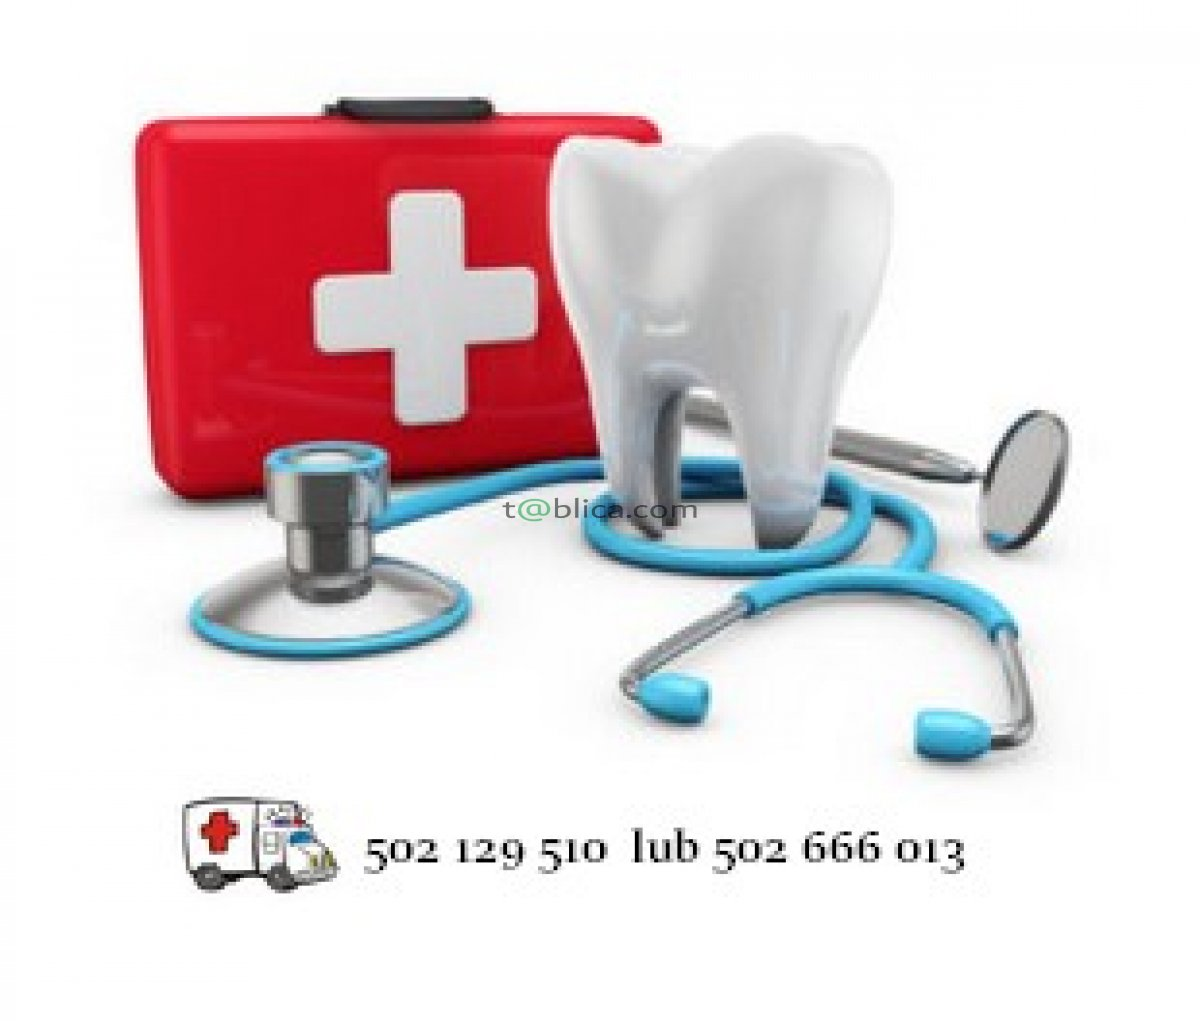 Prywatne pogotowie stomatologiczne PIŁA, KACZORY